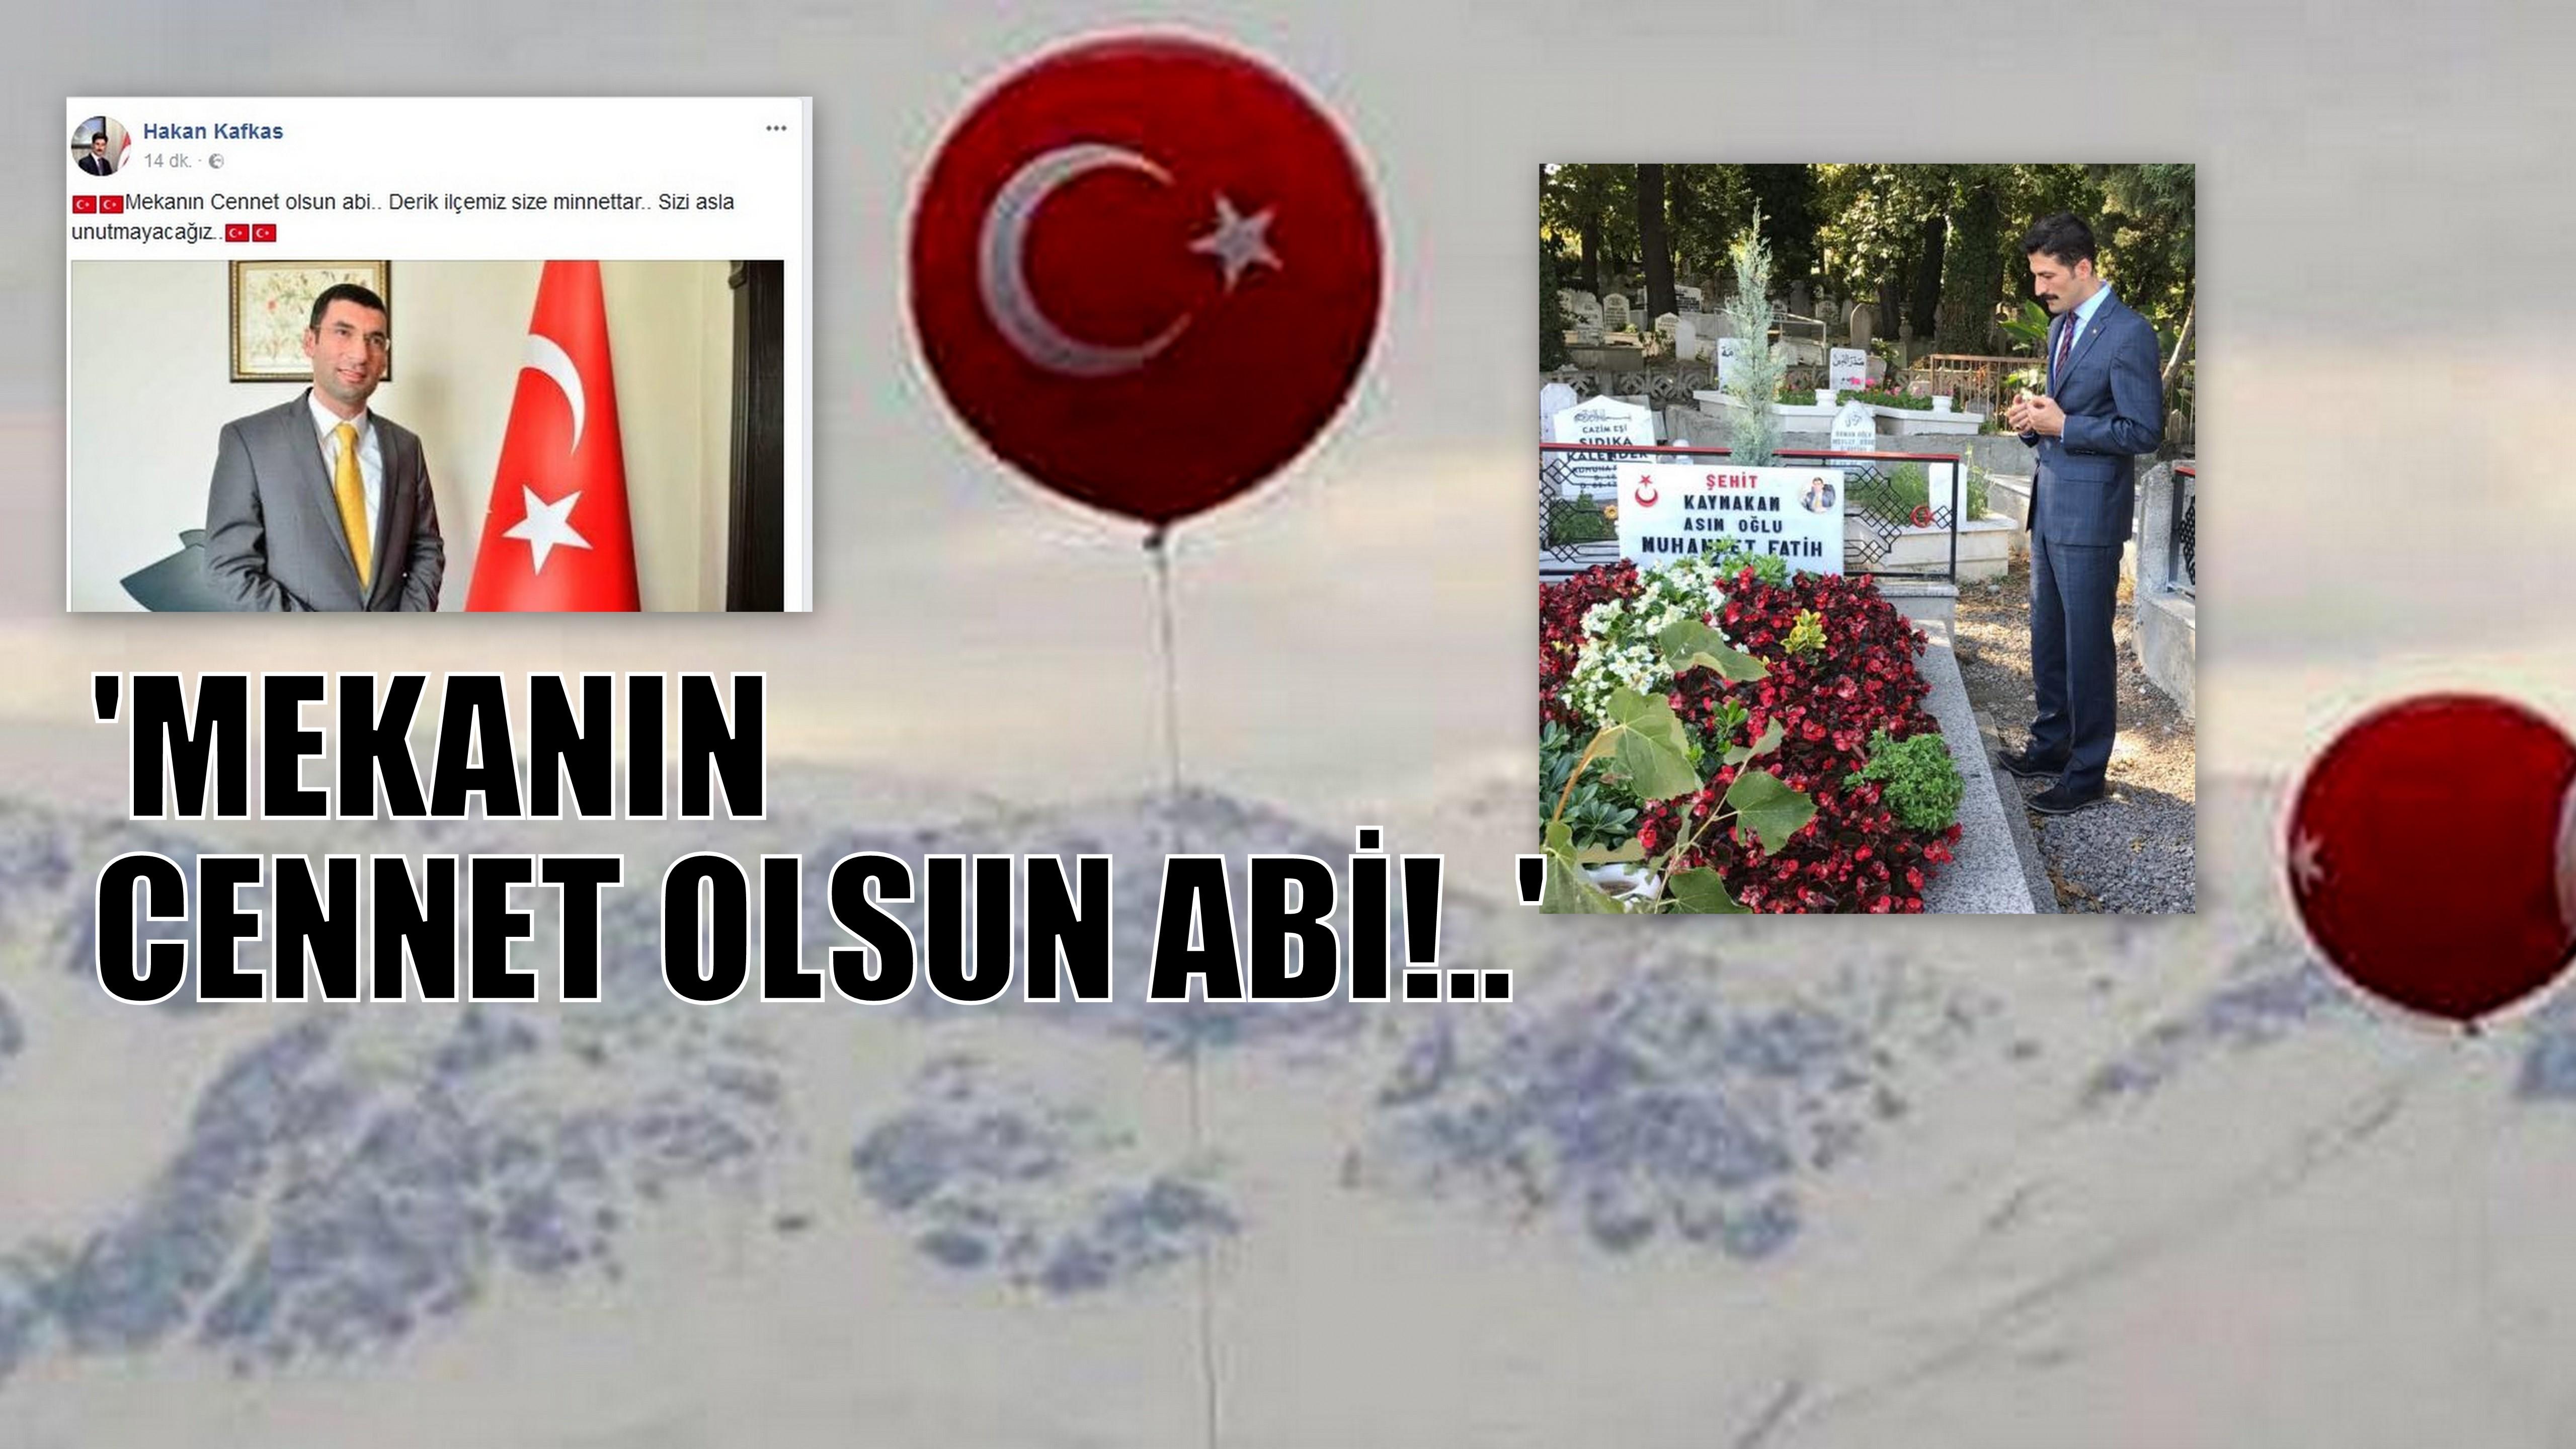 DERİK KAYMAKAMINDAN MESAJ!